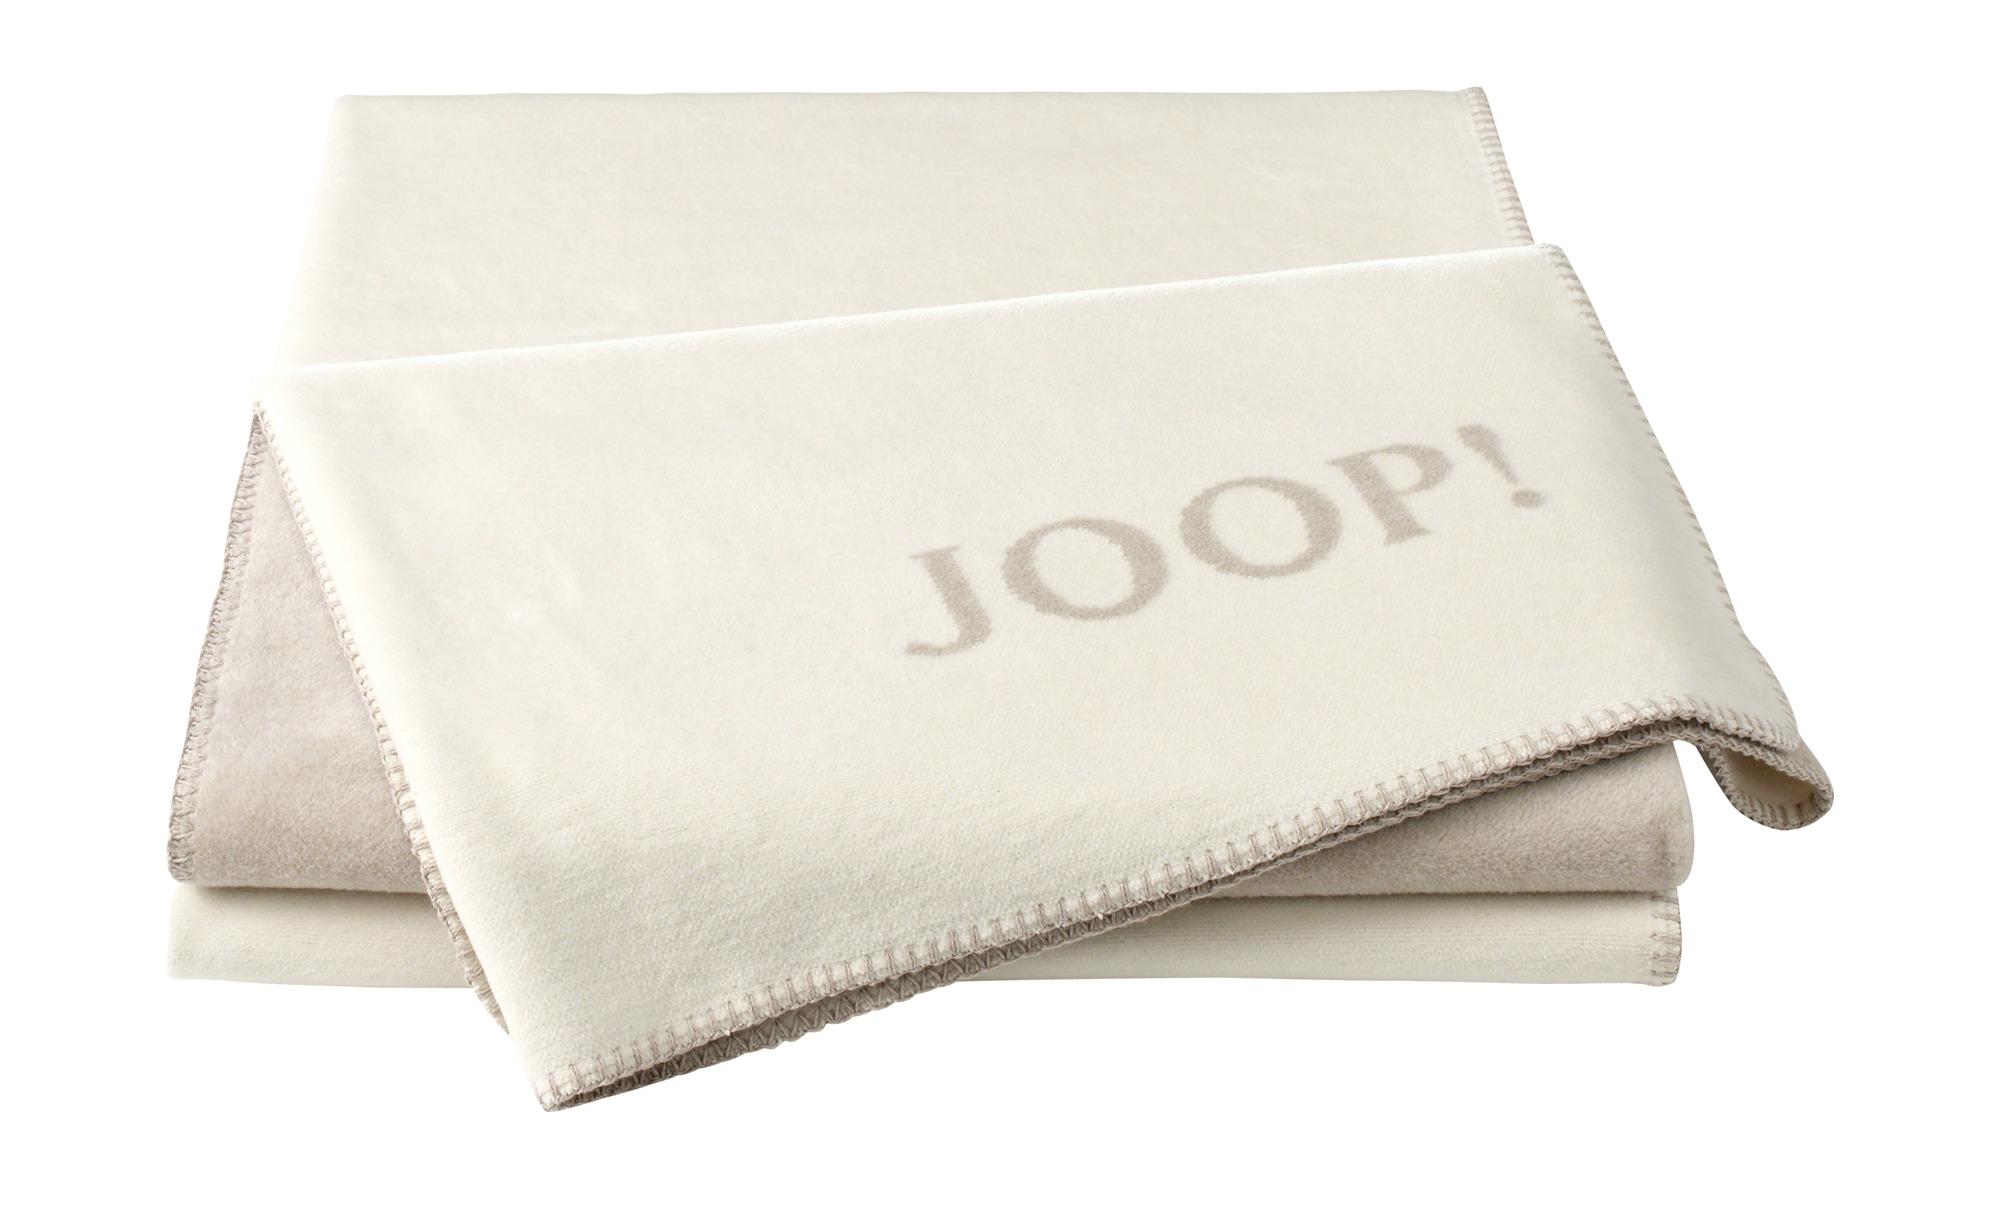 JOOP! Wohndecke  Joop! Uni-Doubleface ¦ beige ¦ 58% Baumwolle 35% Polyacryl, 7% Polyester ¦ Maße (cm): B: 150 Heimtextilien > Kuscheldecken - Höffner